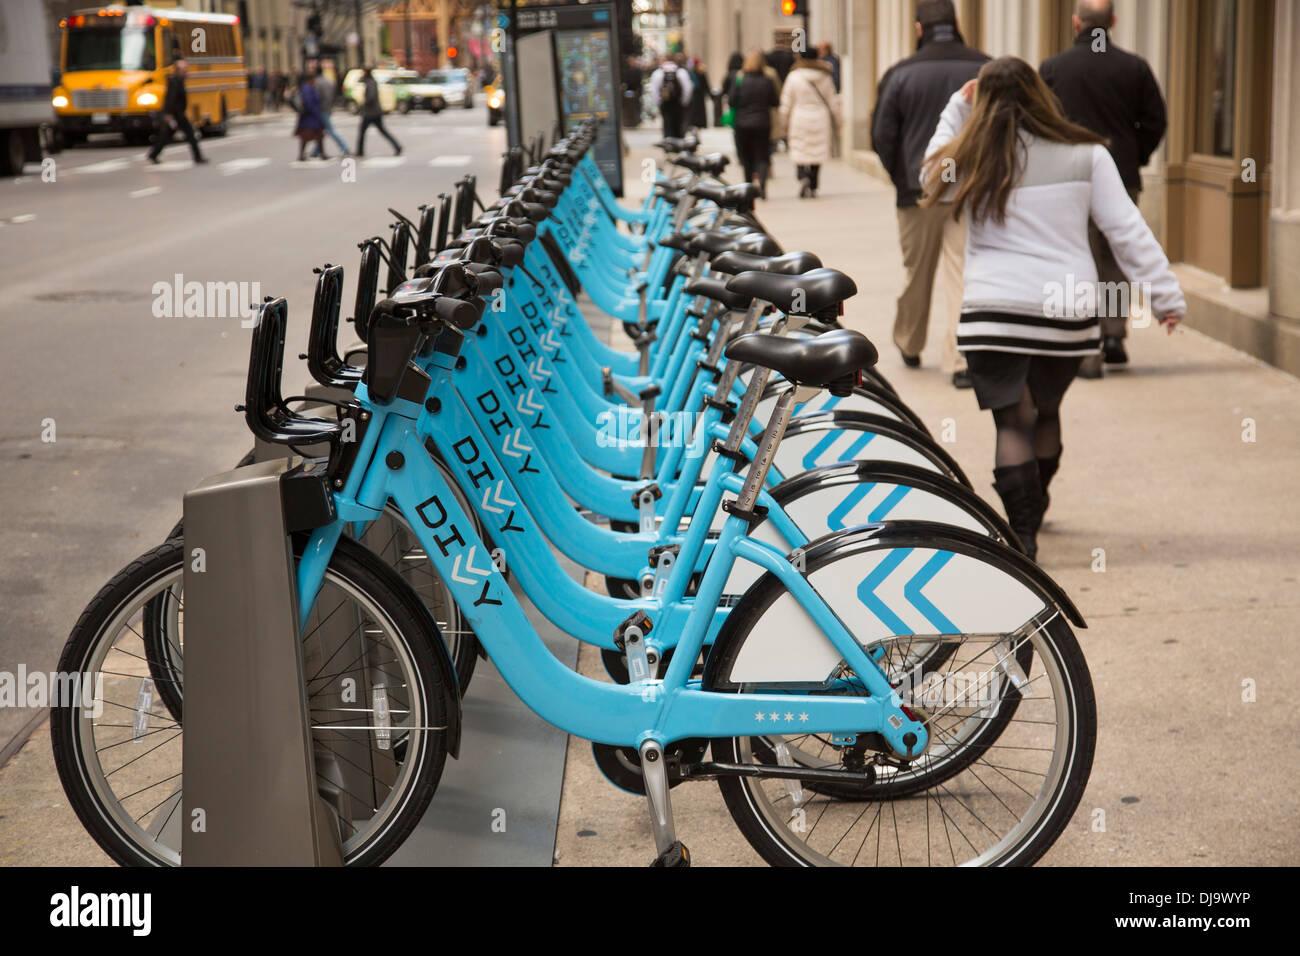 Chicago, Illinois - una bicicleta compartir la estación de acoplamiento en el distrito financiero de Chicago. Imagen De Stock